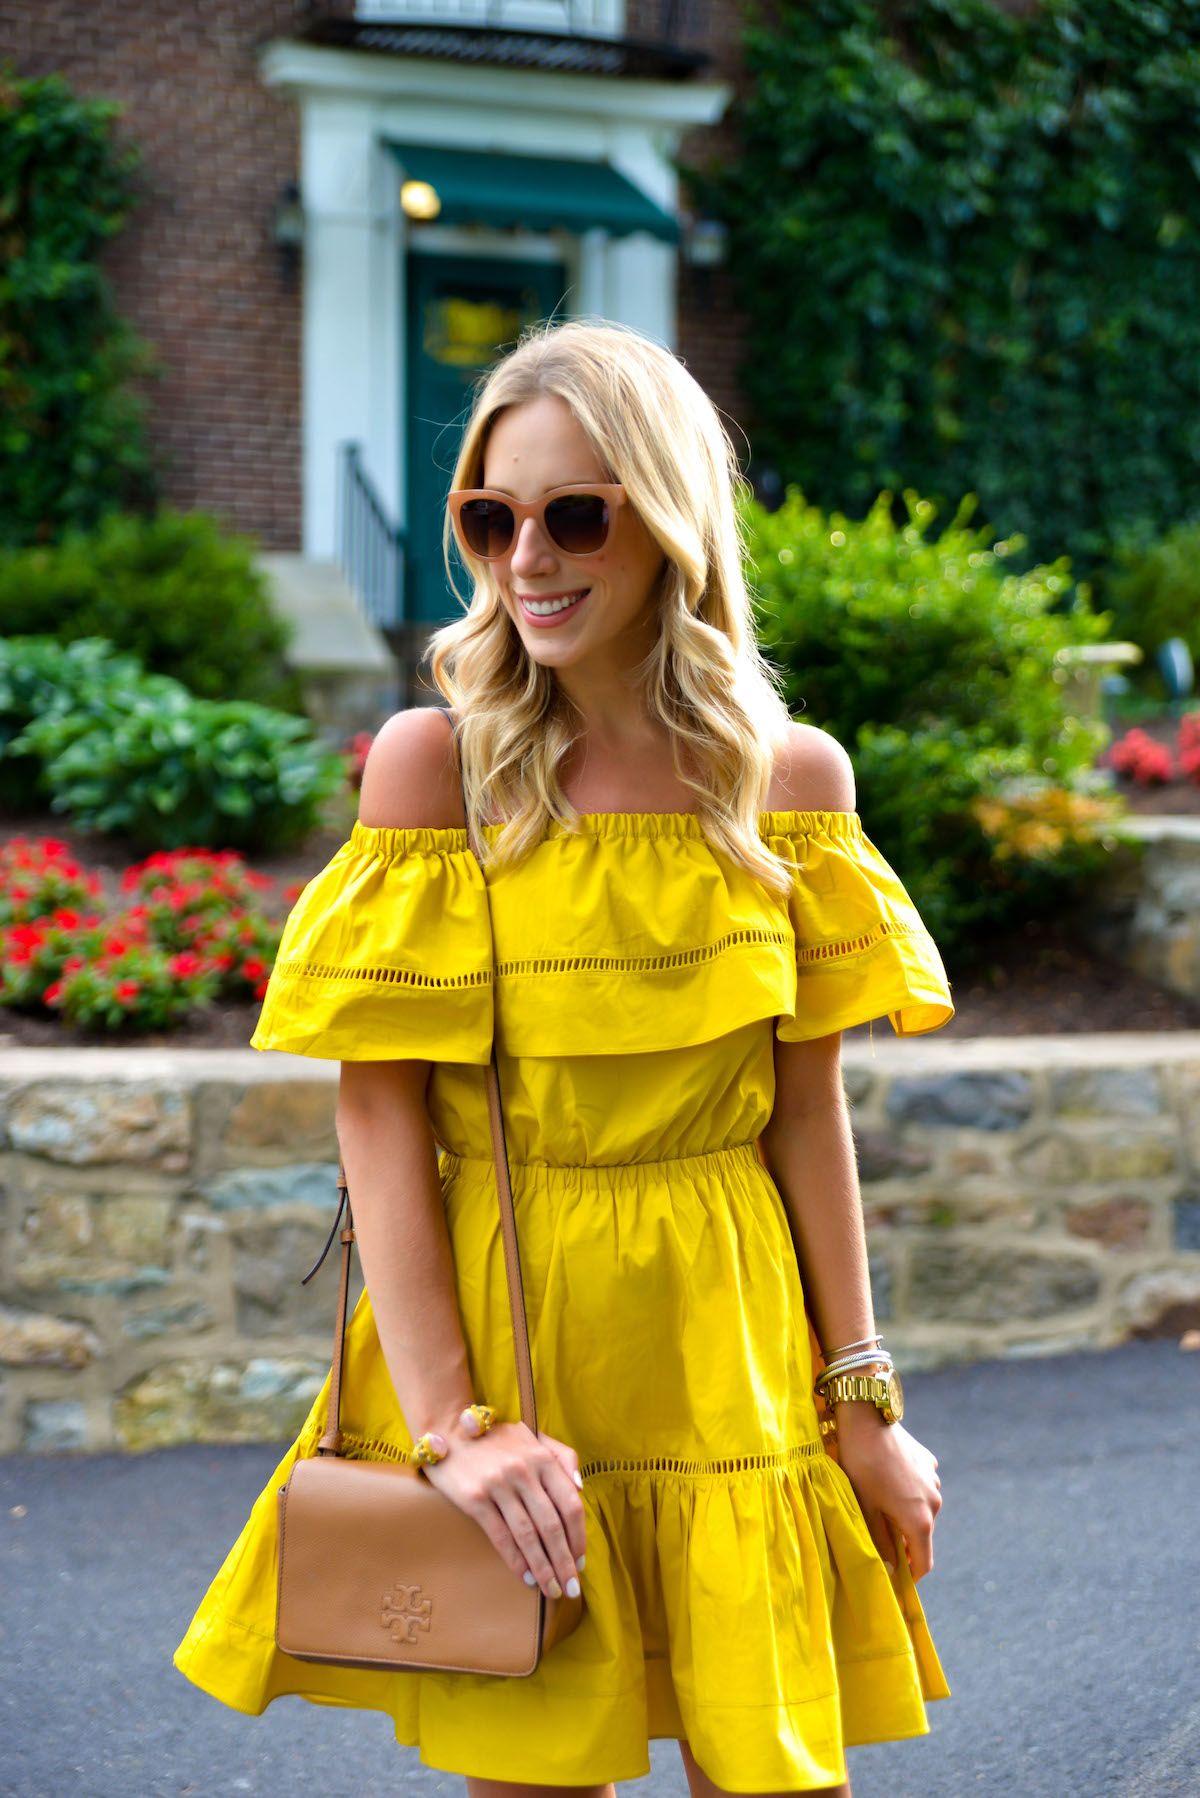 Summer Outfit Inspiration: Ruffled Off Shoulder Dress via @katiesbliss